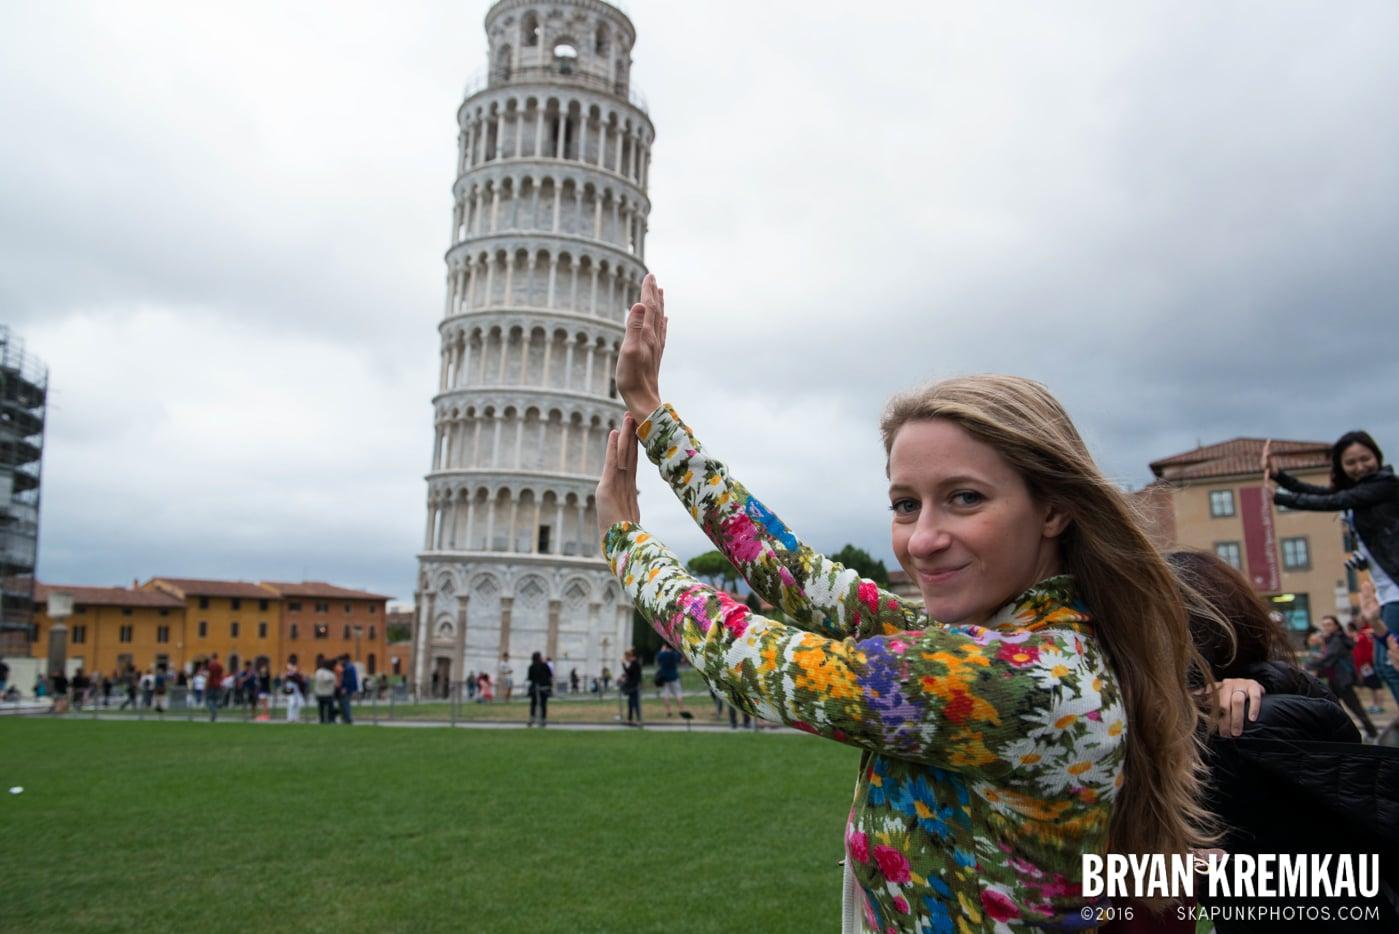 Italy Vacation - Day 8: Siena, San Gimignano, Chianti, Pisa - 9.16.13 (28)